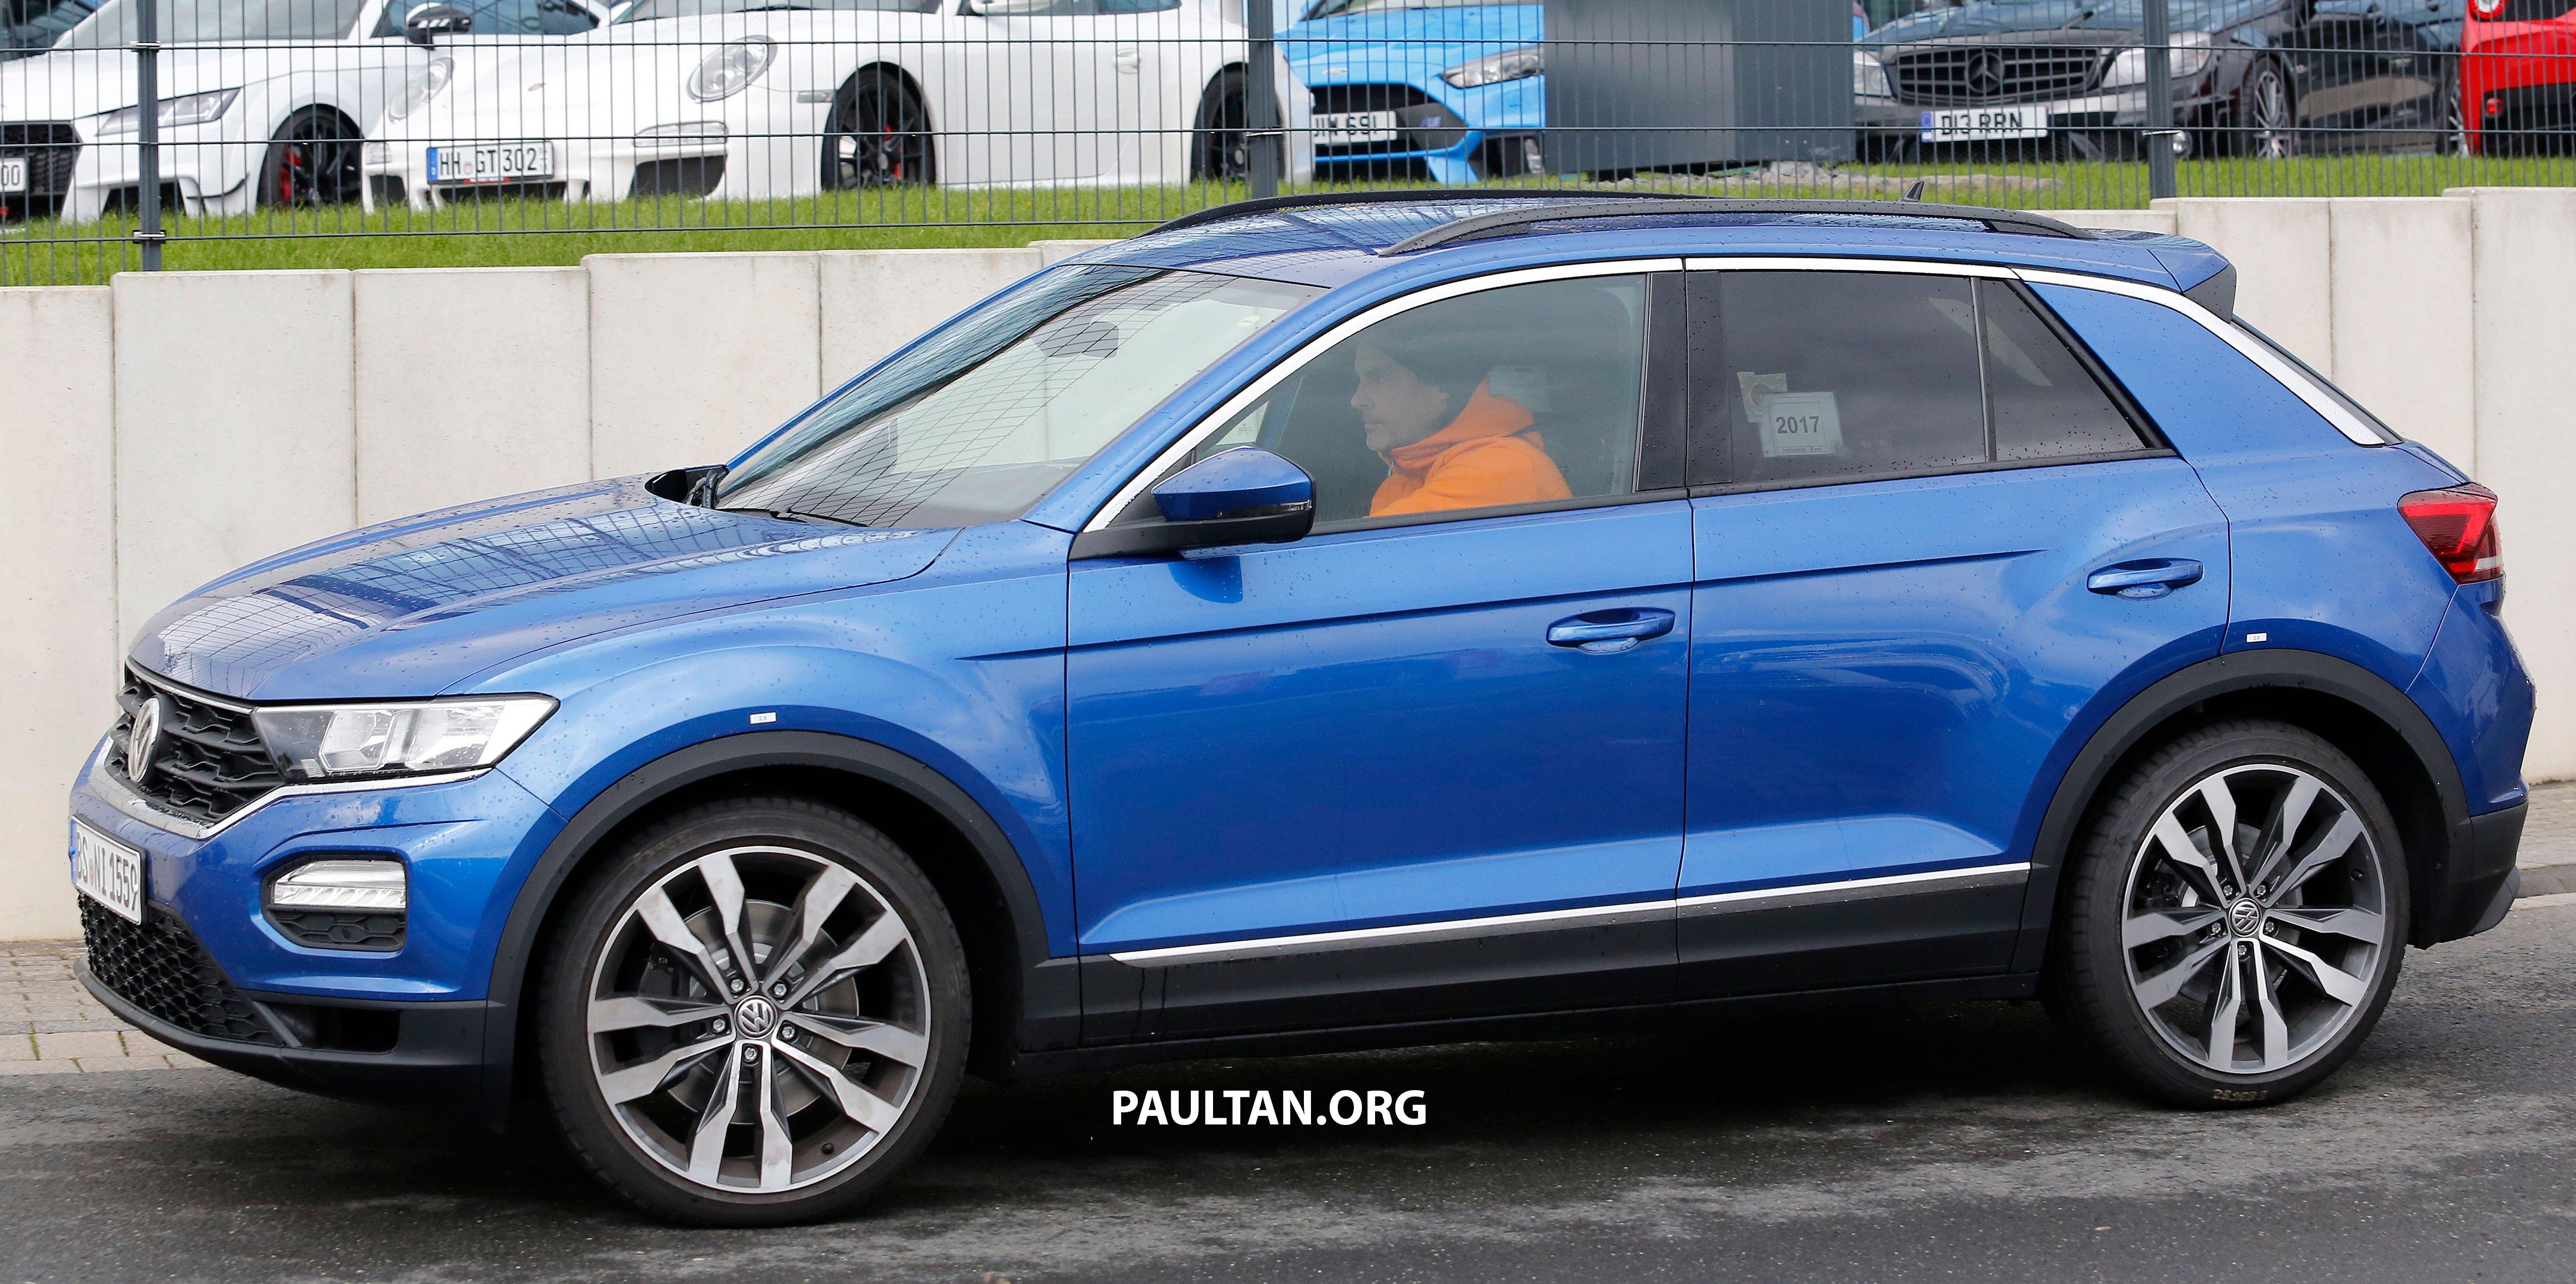 SPYSHOTS: Volkswagen T-Roc R to get Golf R grunt Paul Tan ...